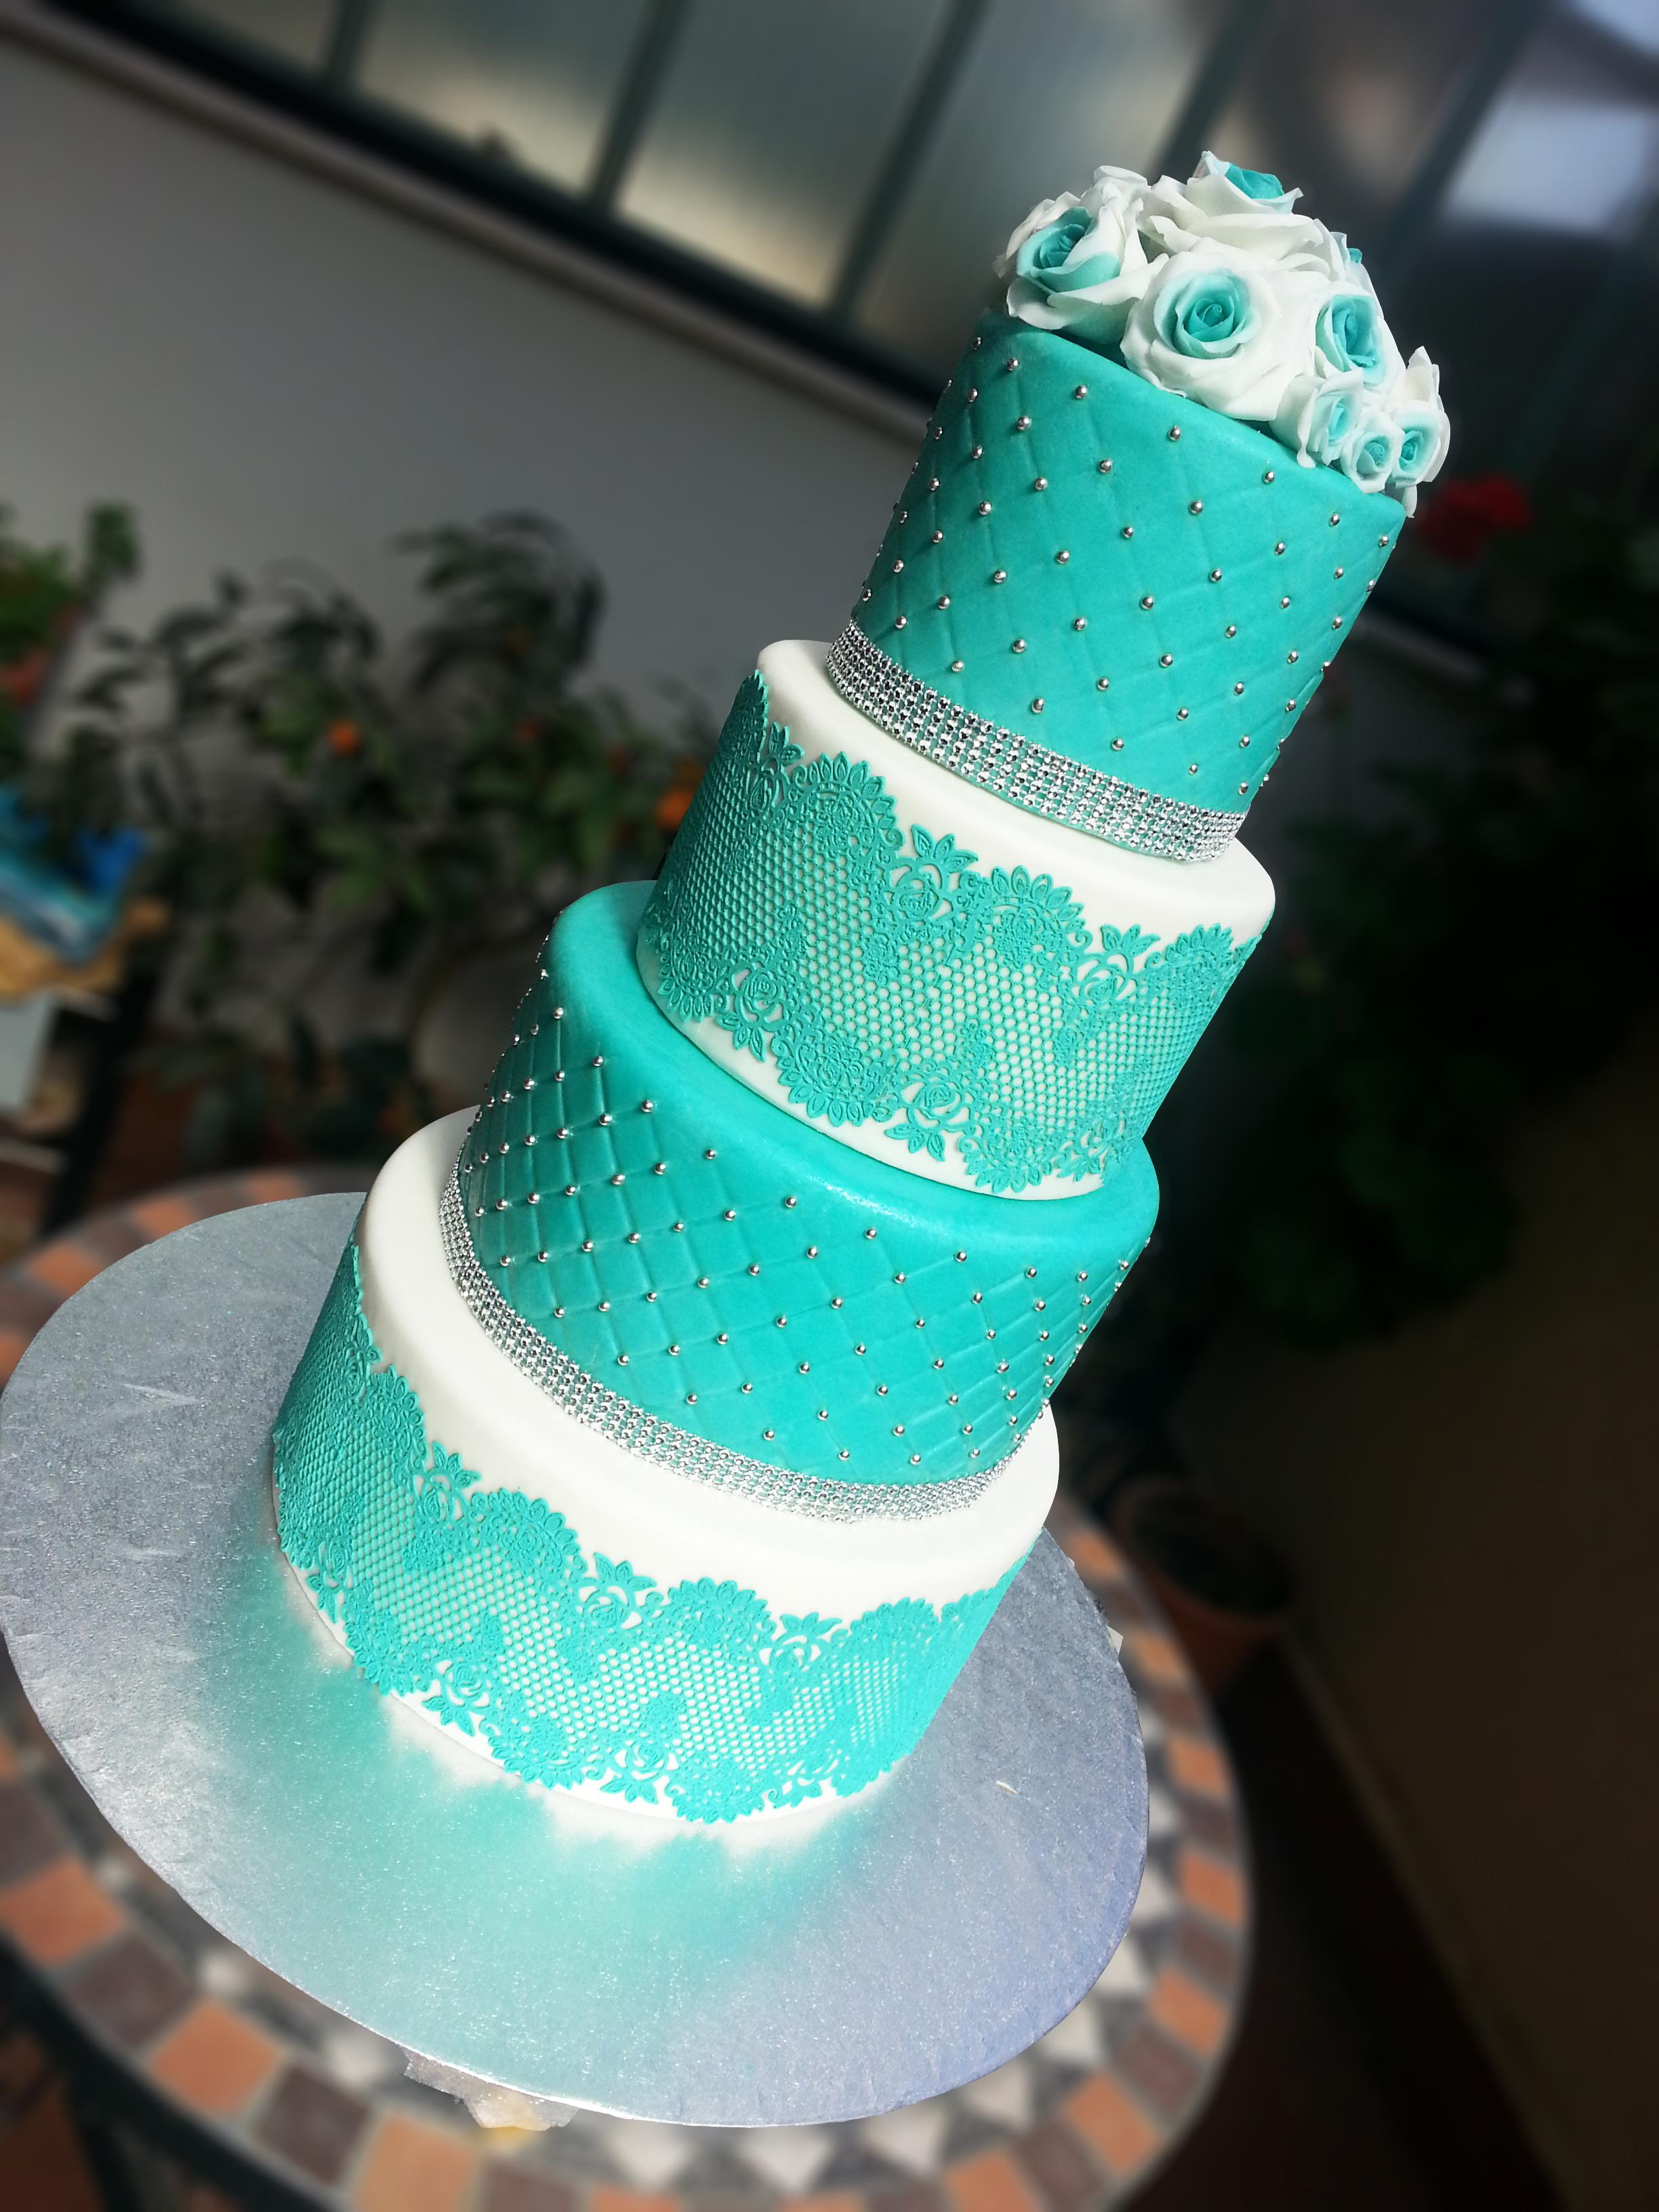 Tutto sulle torte decorate cuginette sul g teau for Piani per la macchina